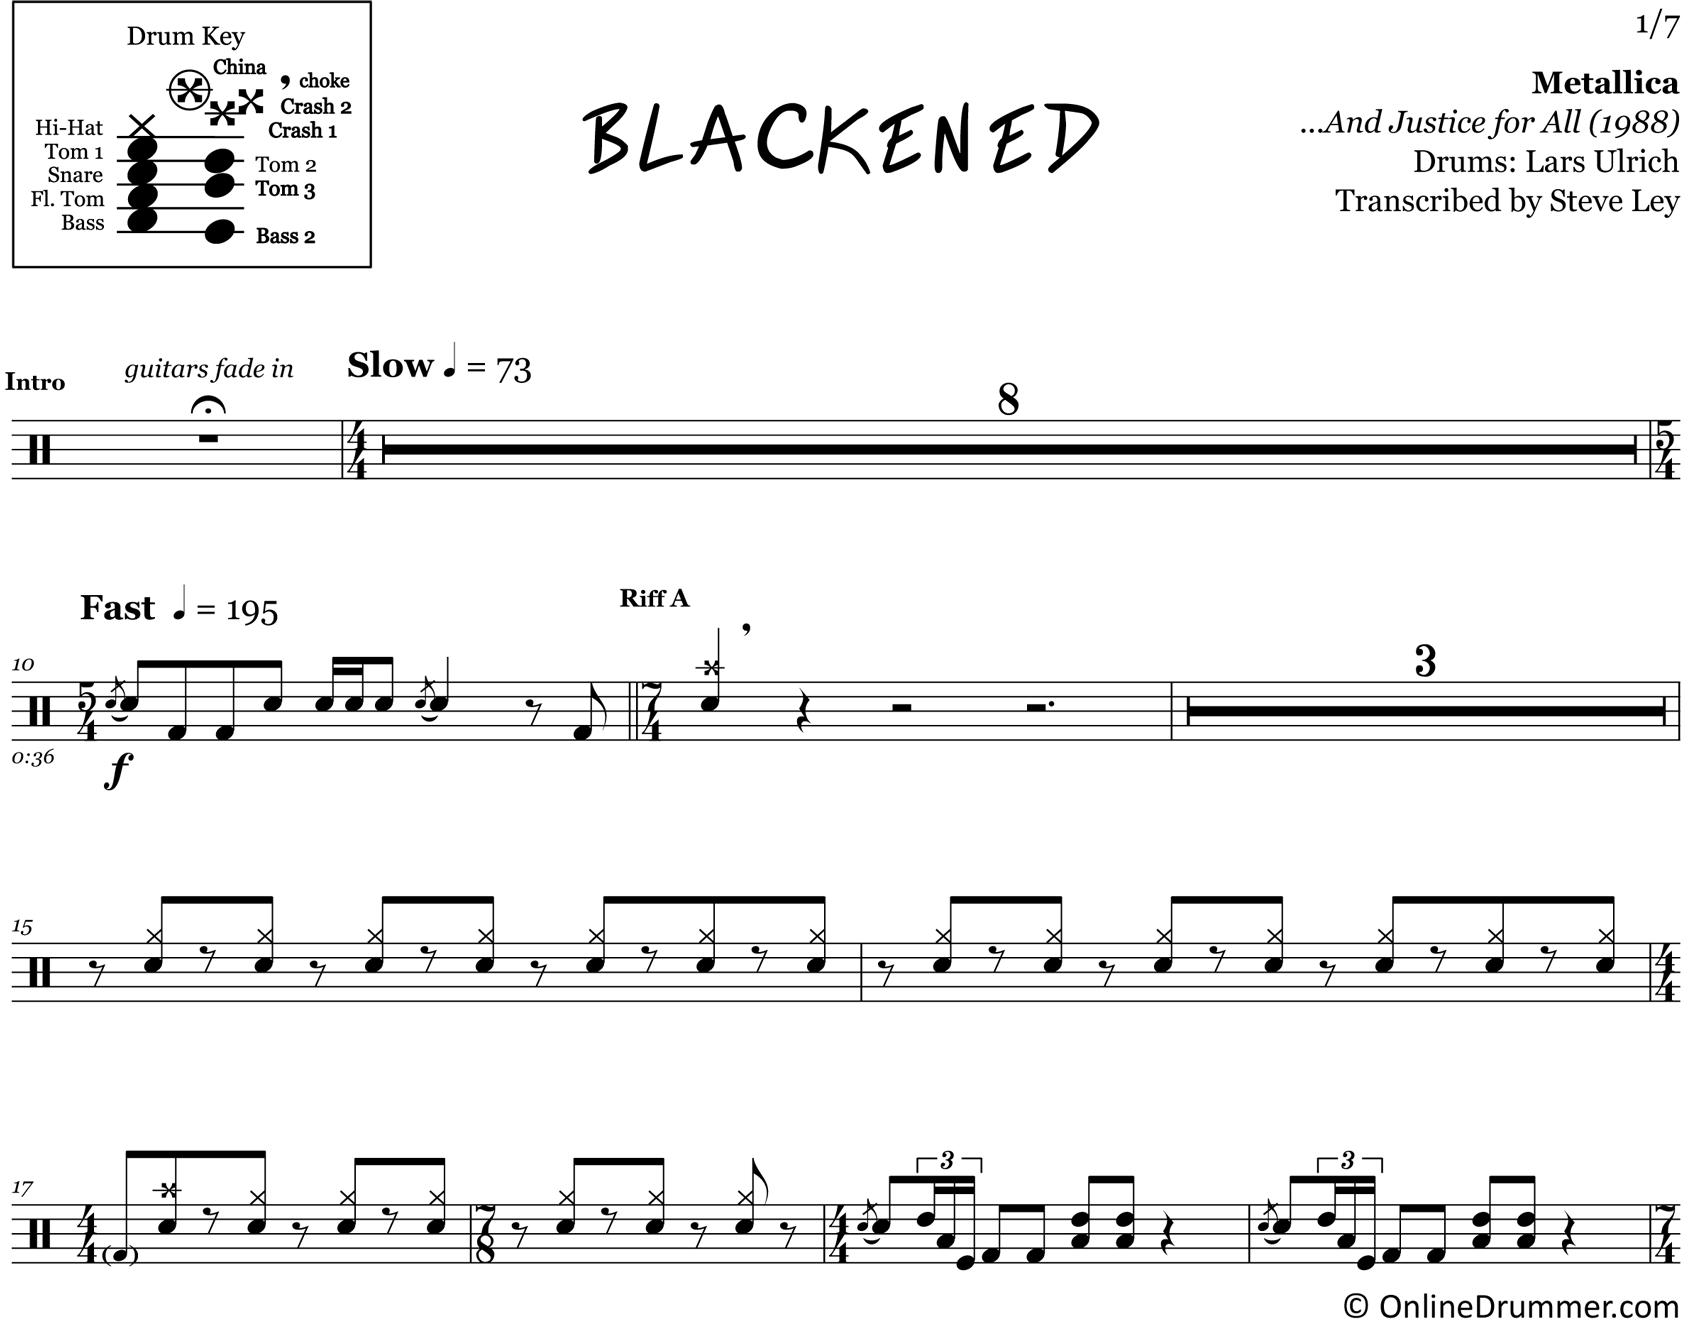 Blackened - Metallica - Drum Sheet Music